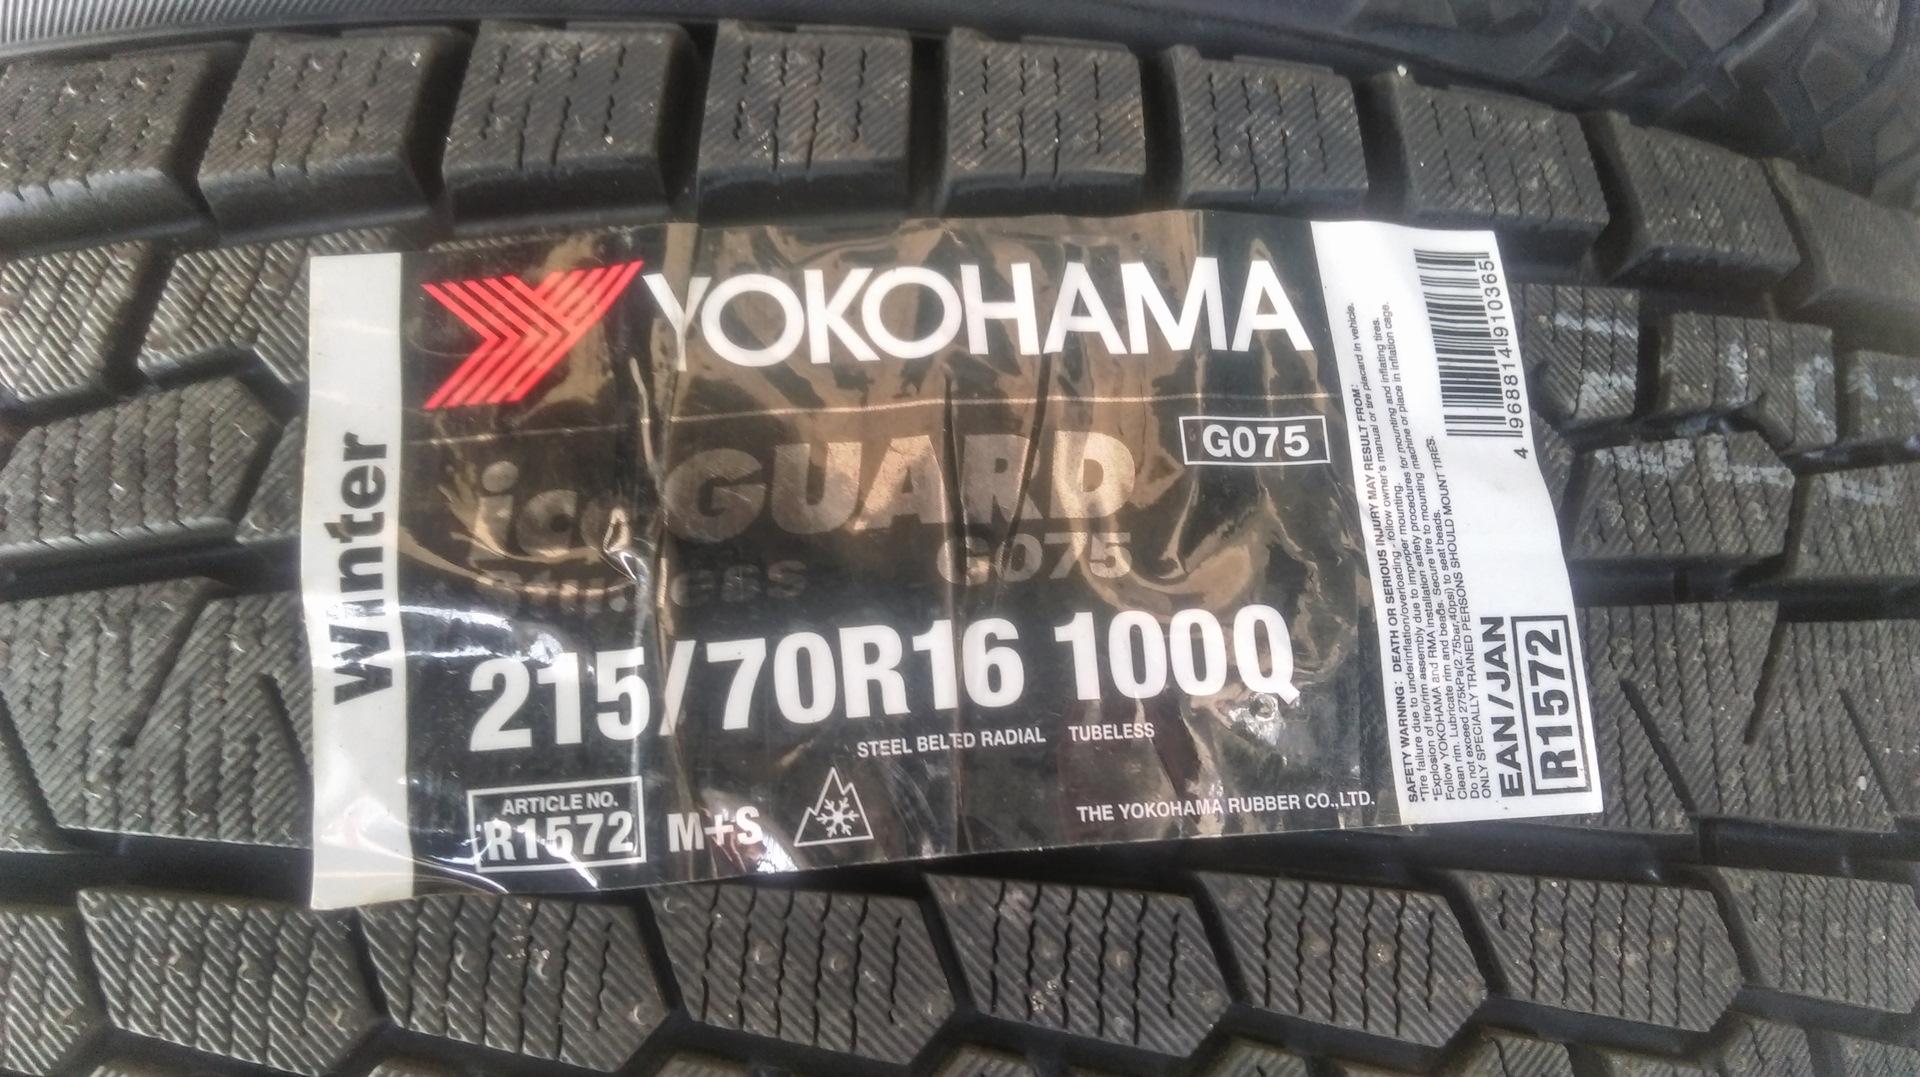 шины yokohama ice guard g075 отзывы